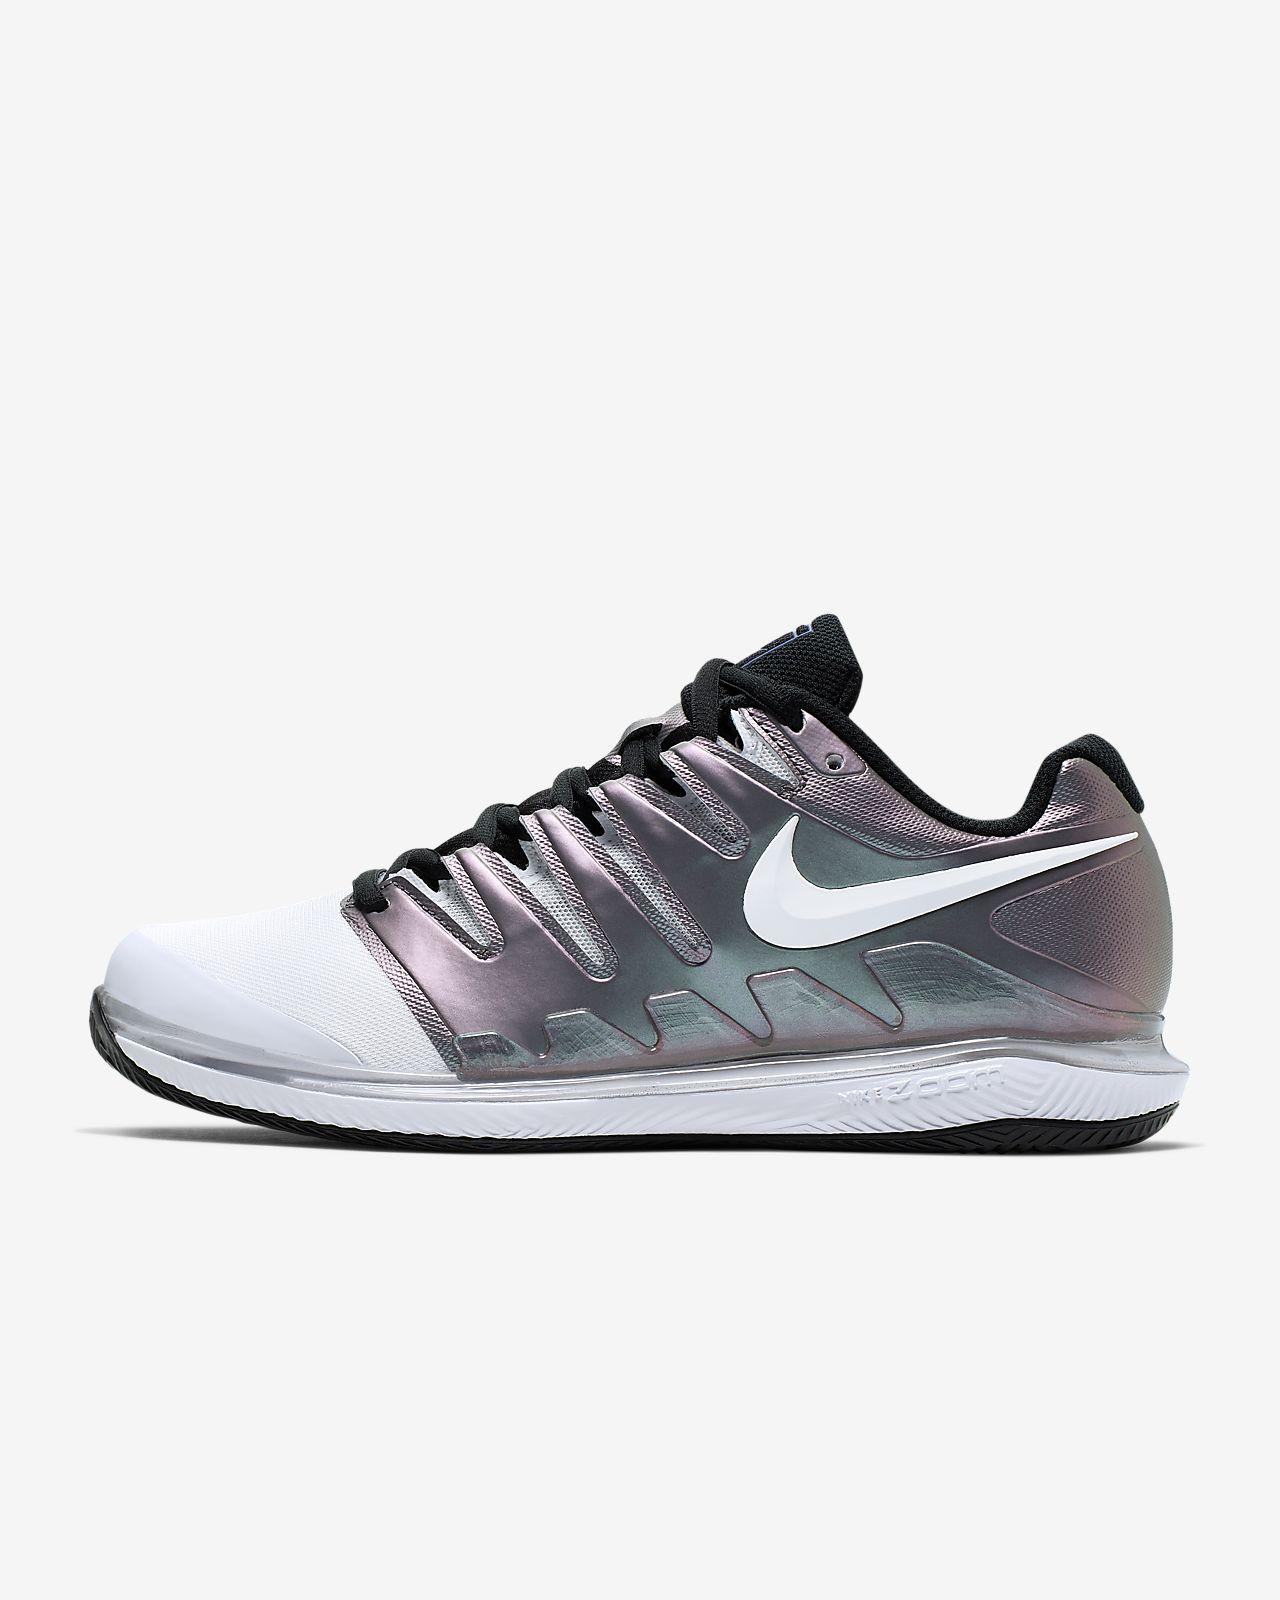 Nikecourt Air Pour Terre Battue Vapor X Chaussure Tennis Zoom Femme De DH2IEY9W